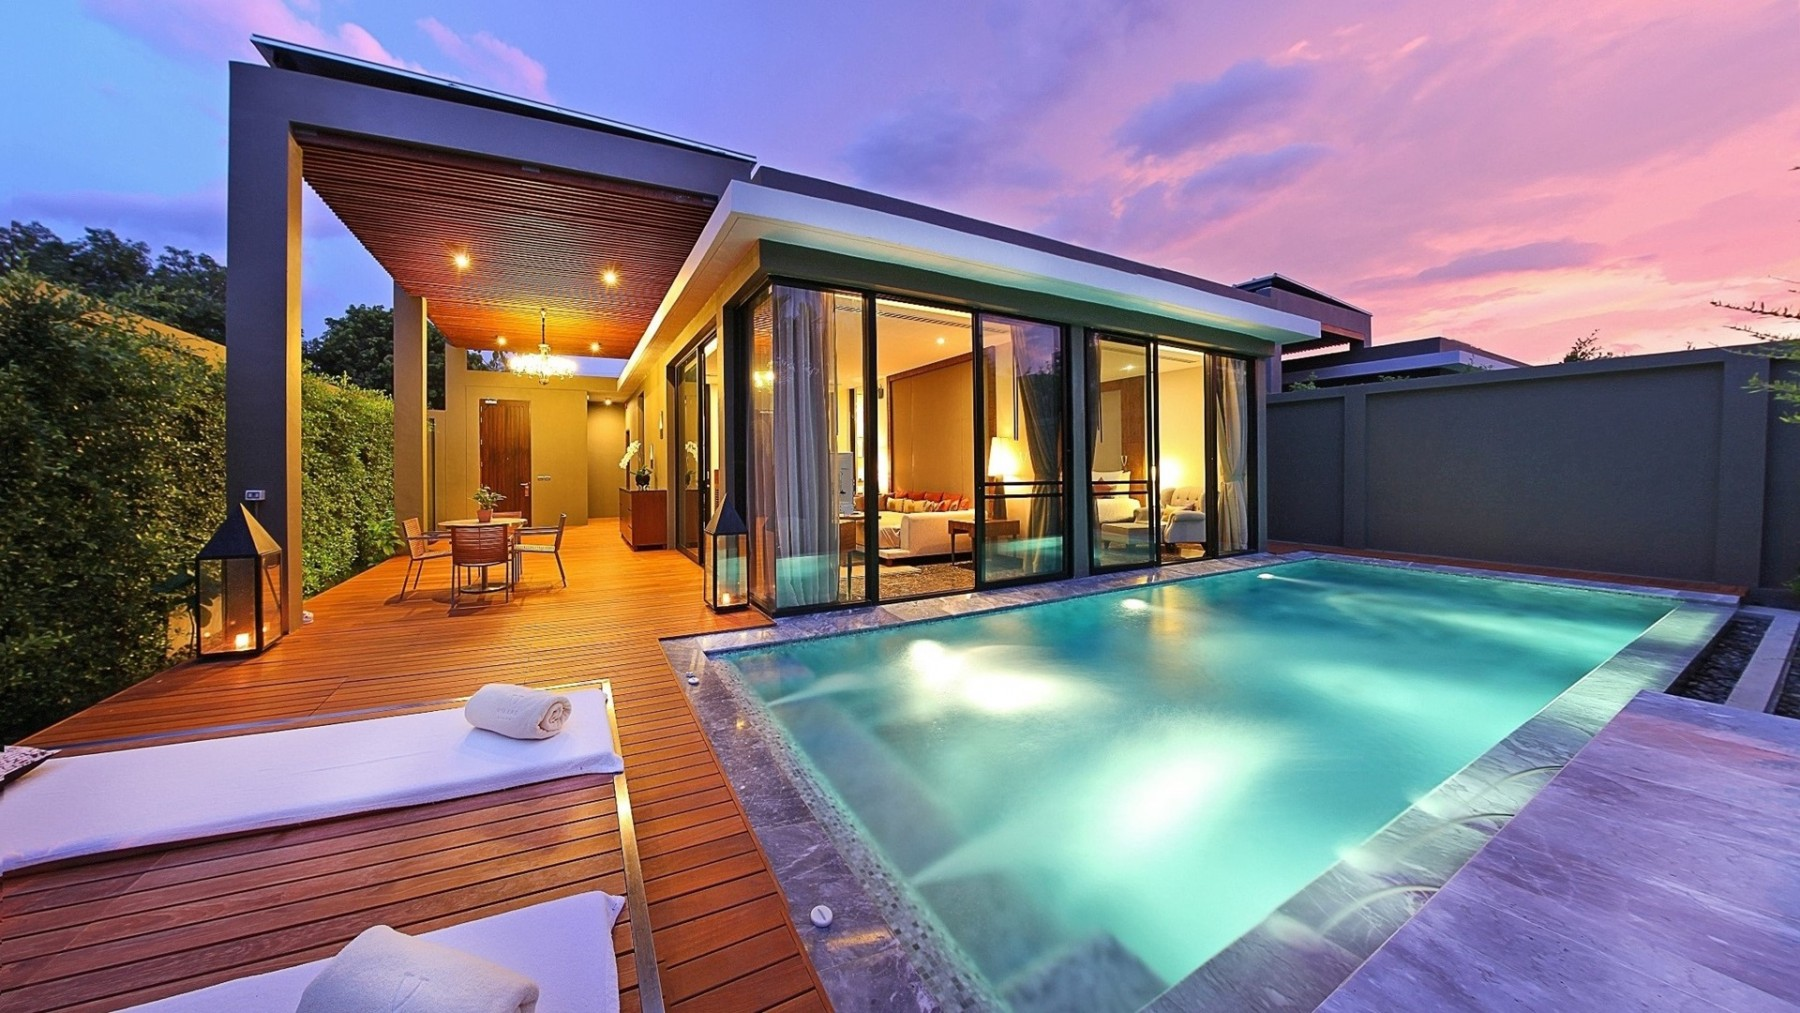 5 Bedroom Floor Plans 1 Story V Villas Hua Hin พูล วิลล่าแบบ 1 ห้องนอน